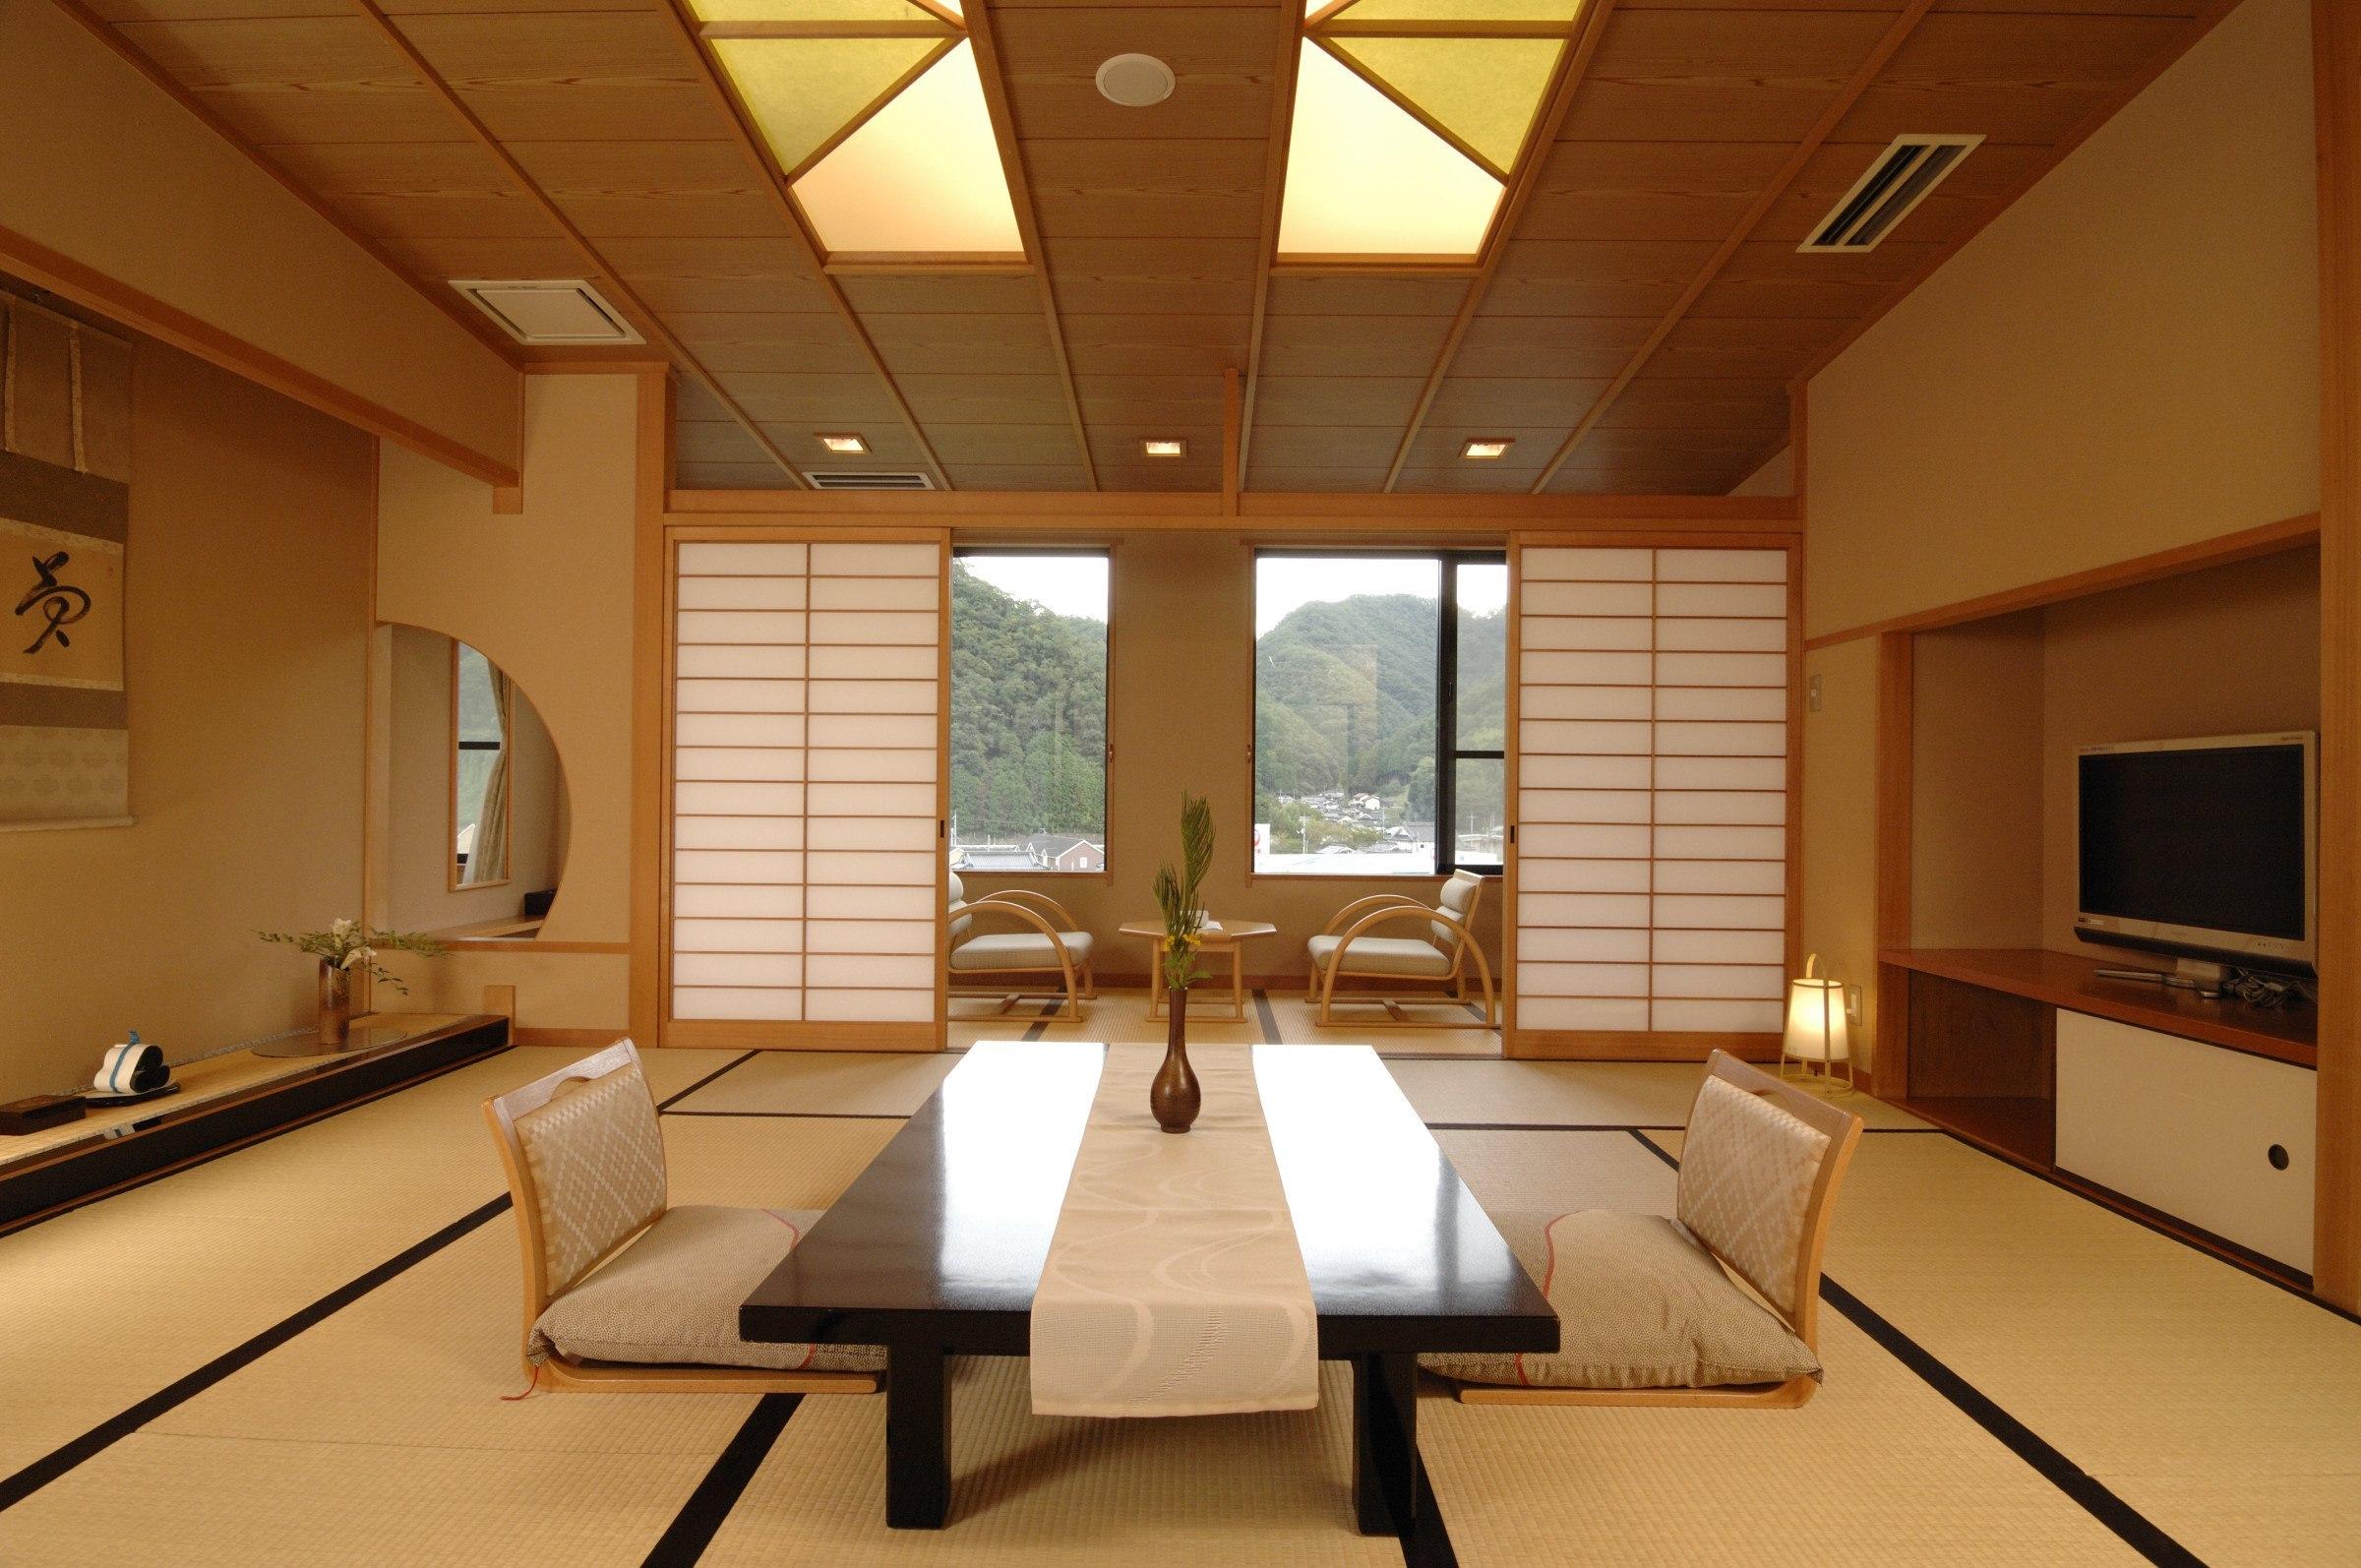 использованием фото отделки домов в корейском стиле запечатлела себя нюдовом